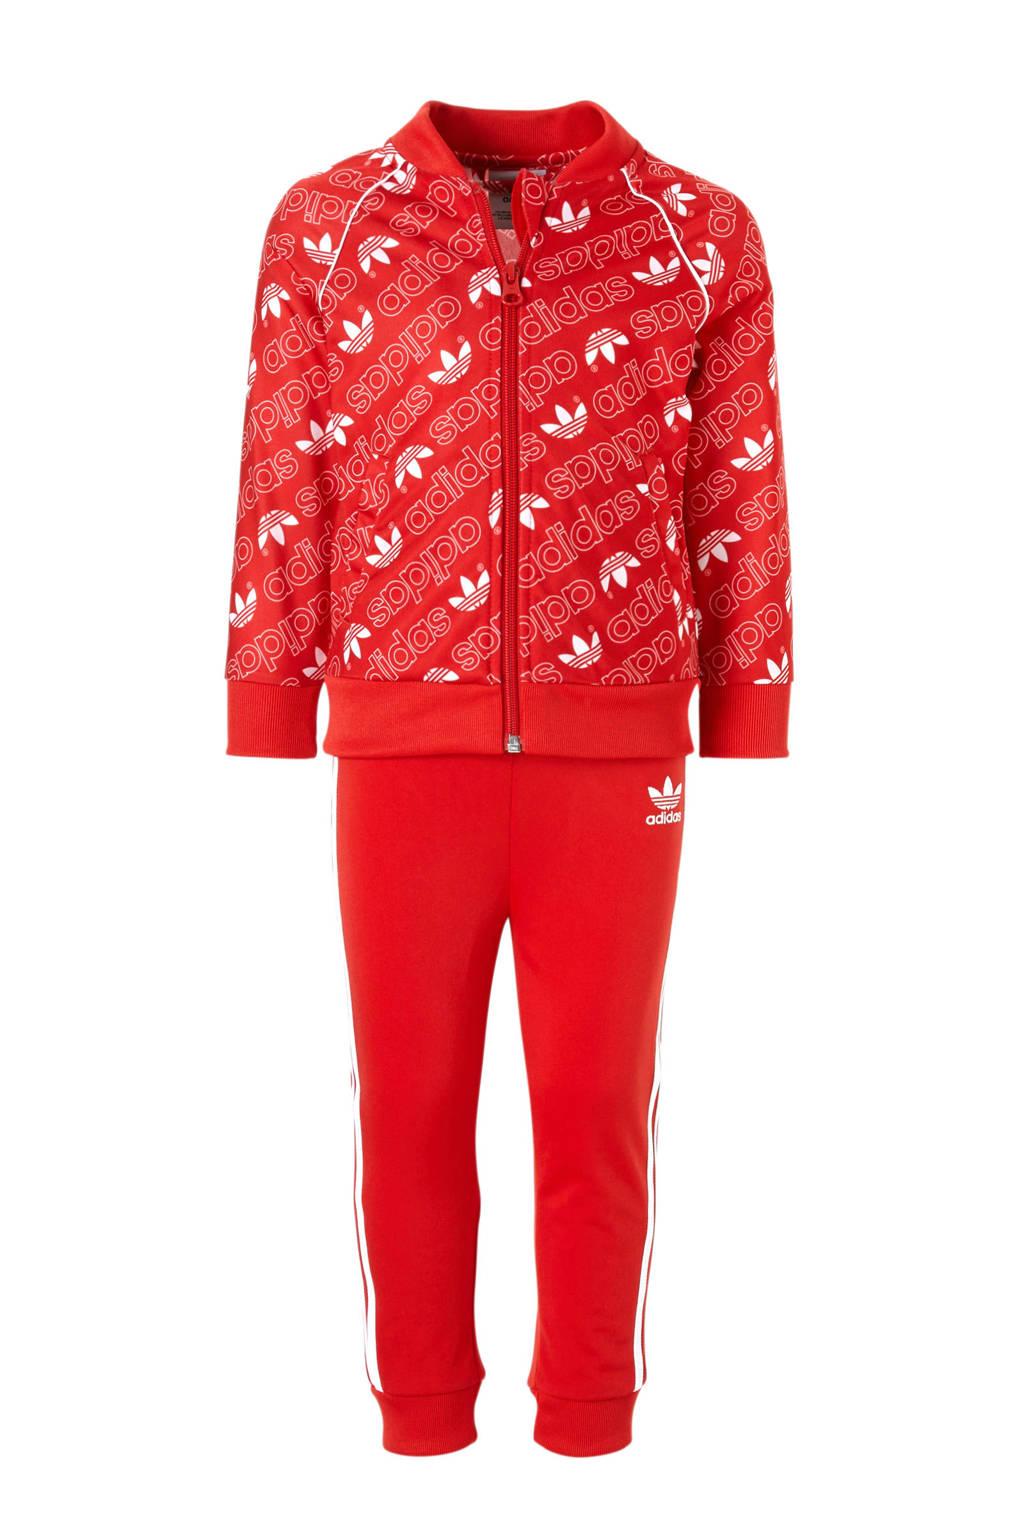 adidas originals   trainingspak rood, Rood